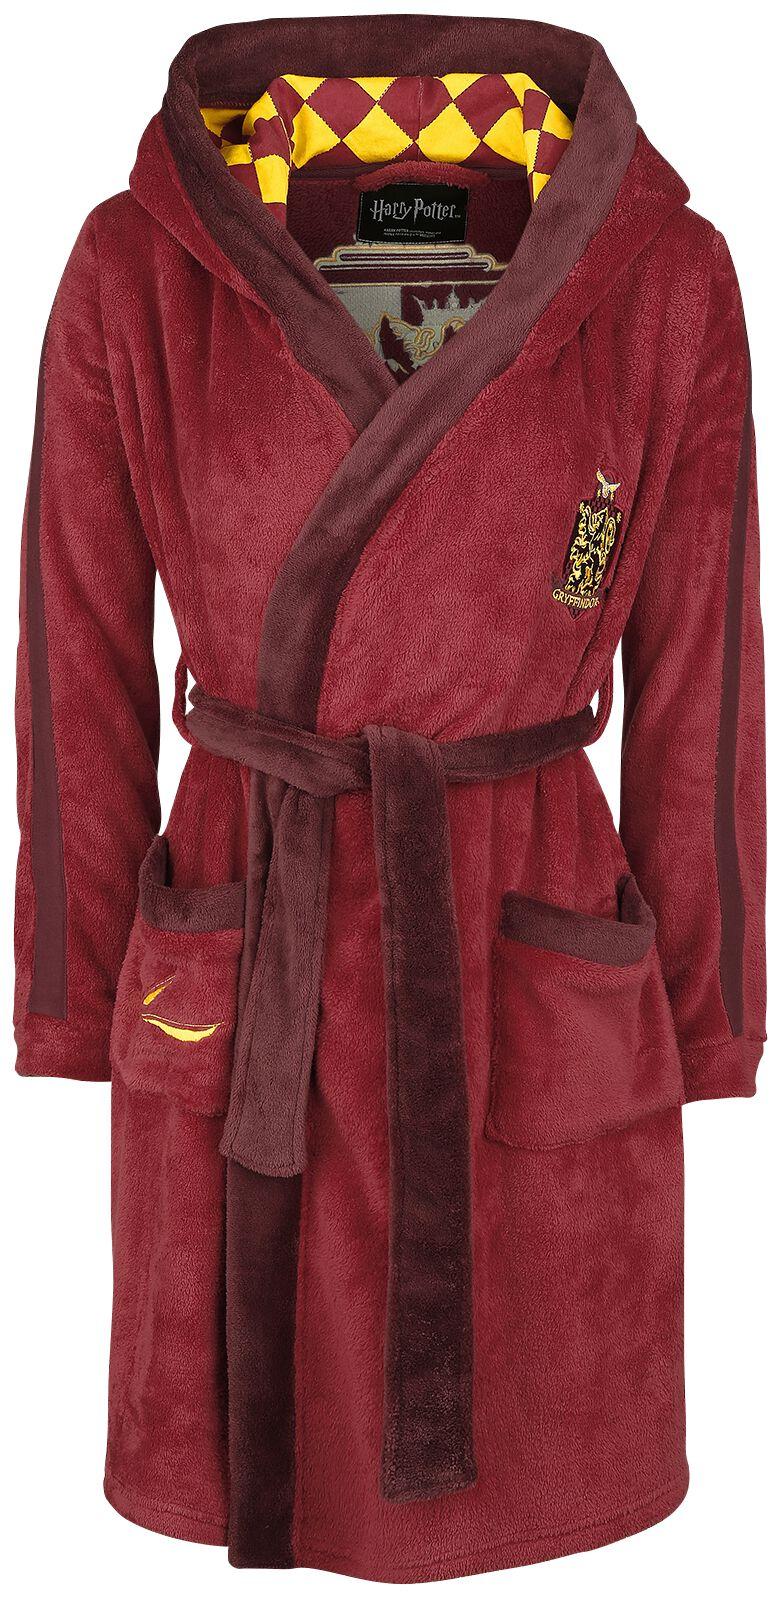 Image of   Harry Potter Gryffindor Badekøbe rød